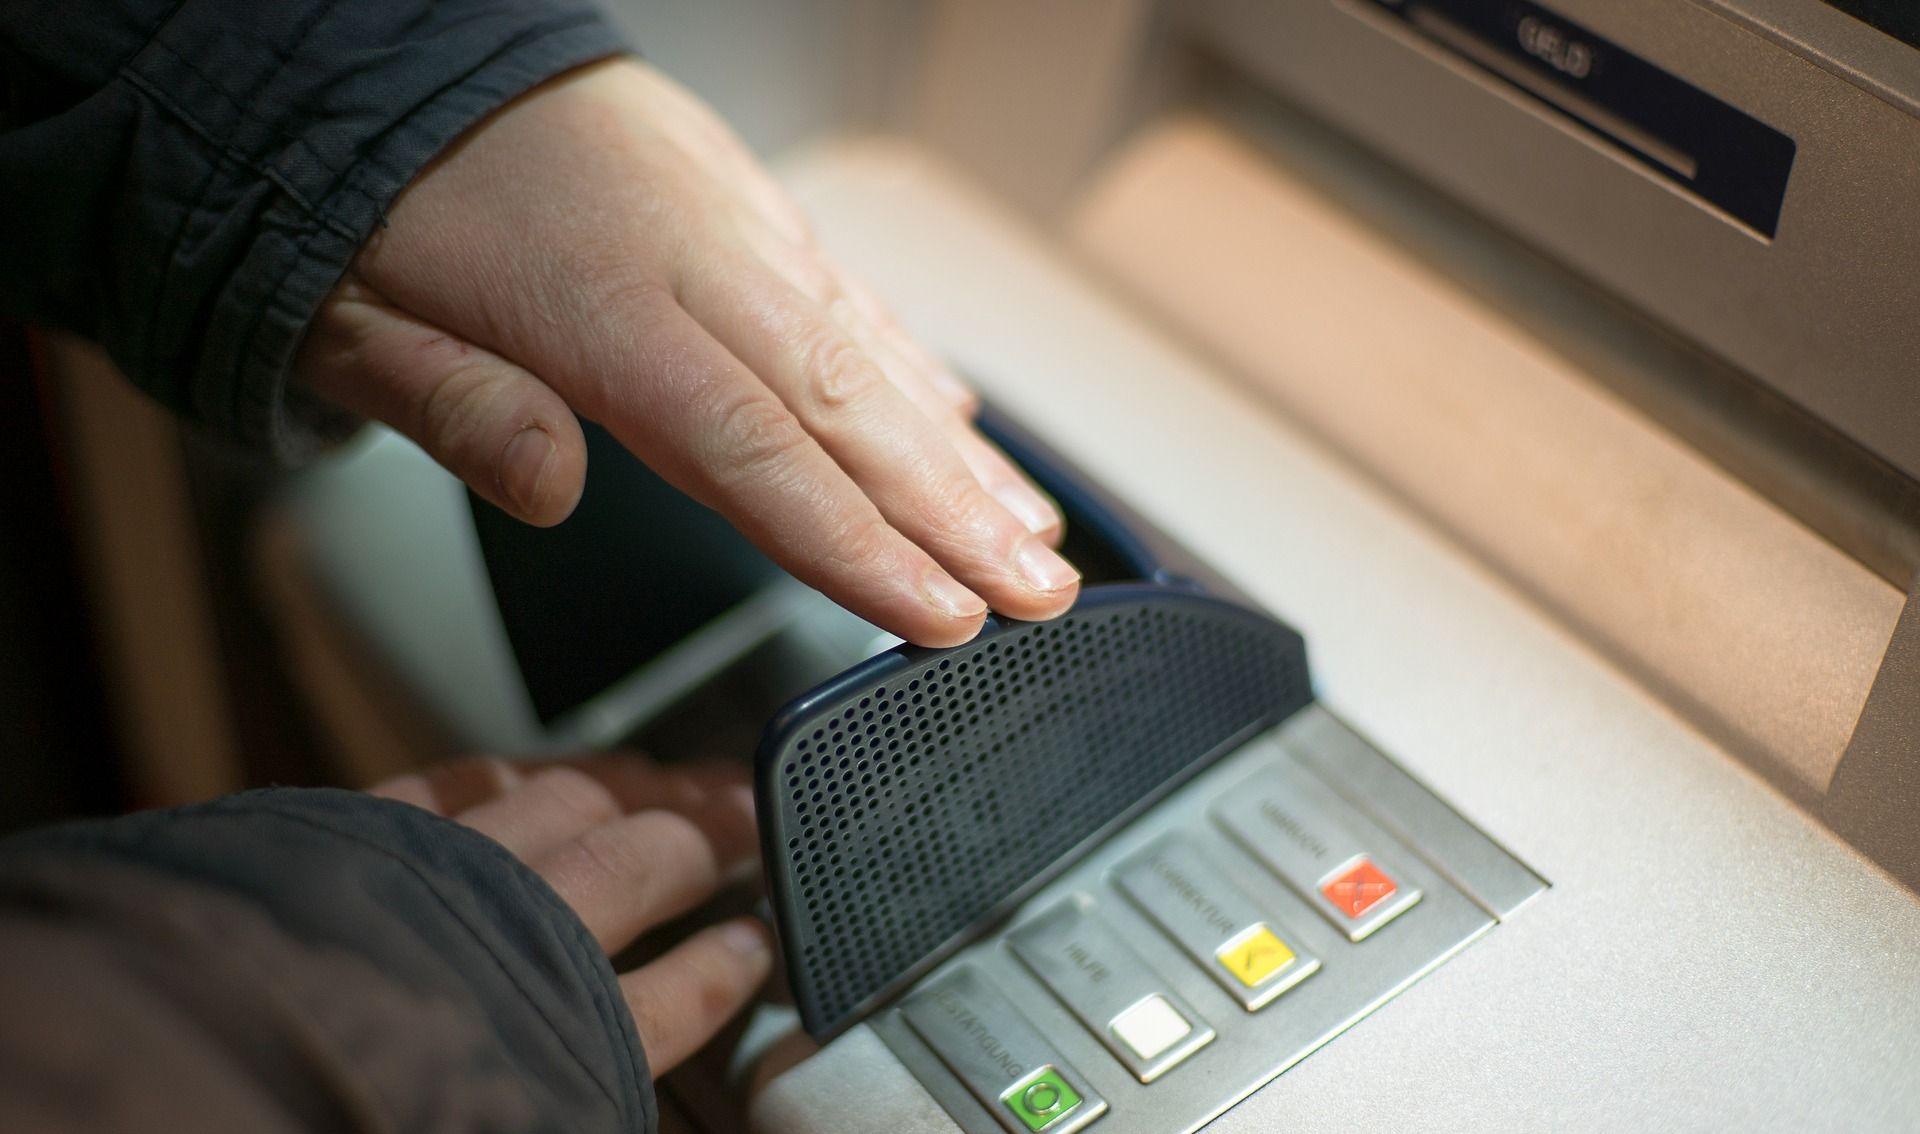 VARAŽDIN 46-godišnji Mađar krao novac iz bankomata